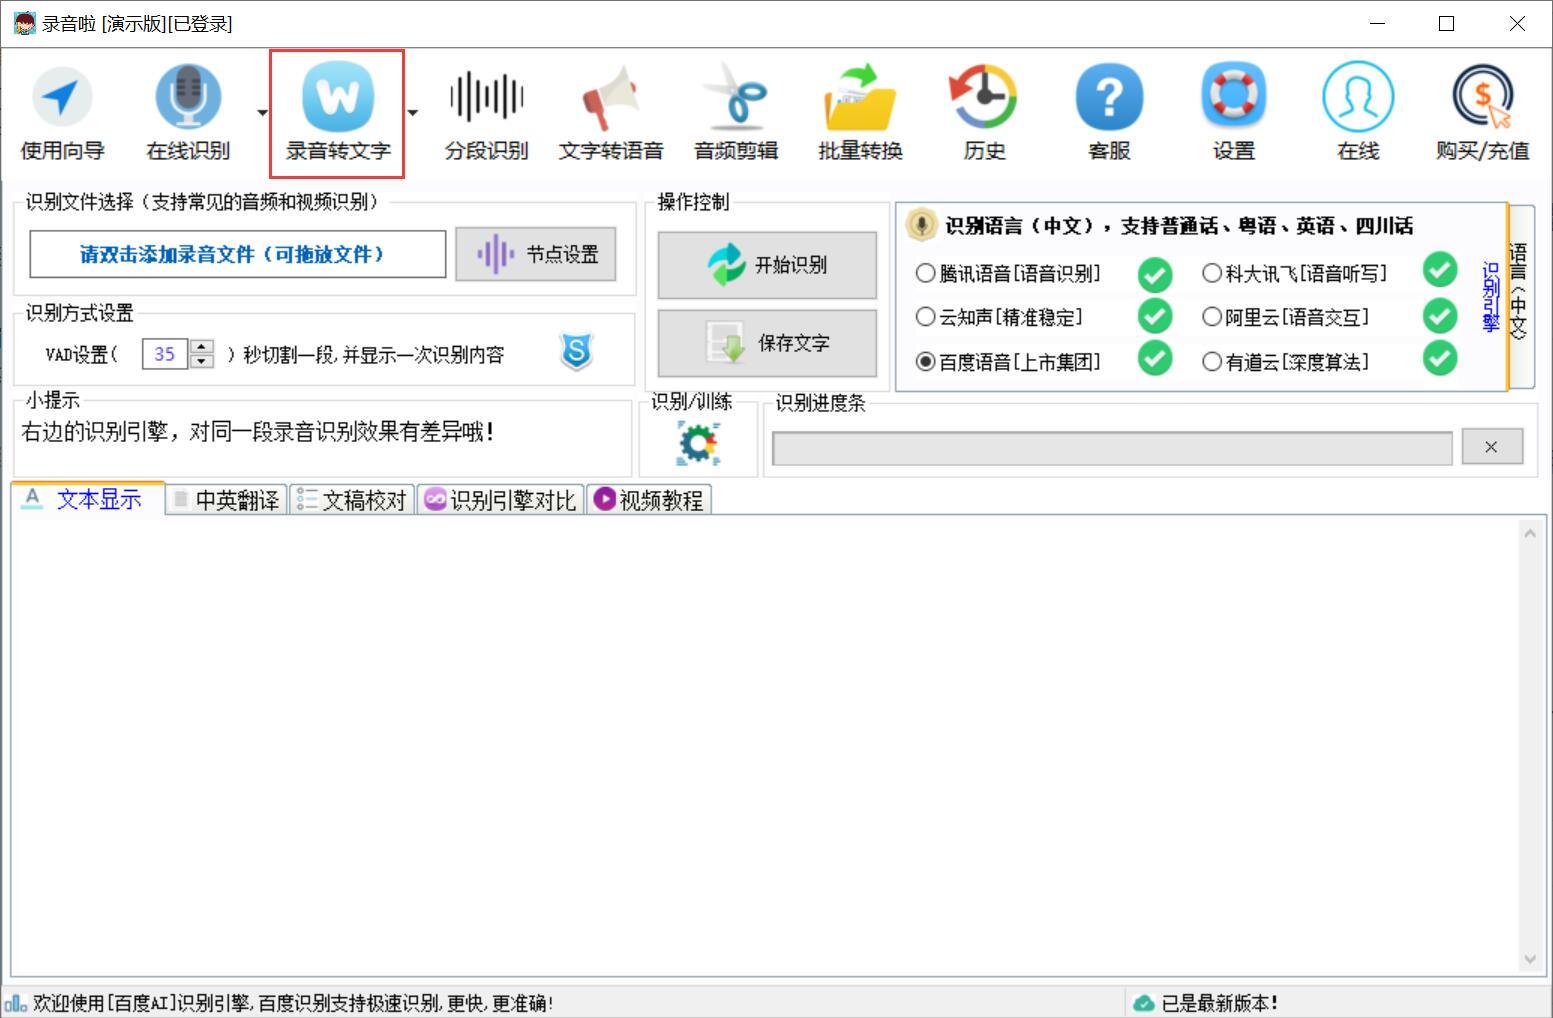 录音啦功能展示,轻松识别音频内容并转换成文字